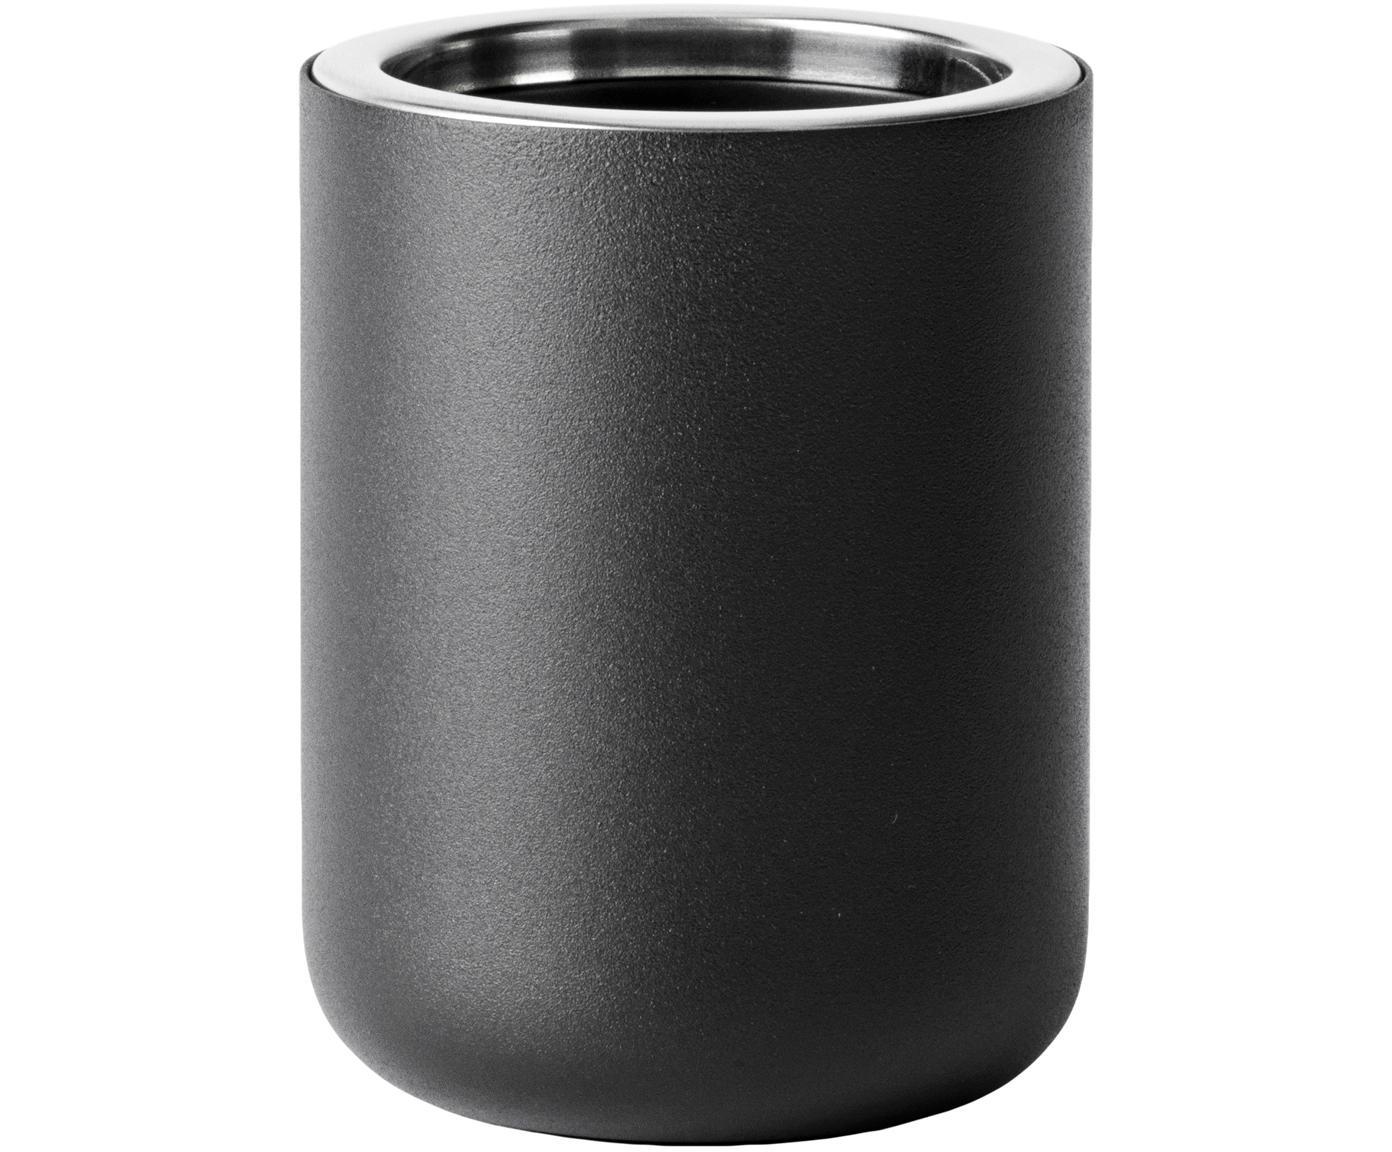 Kubek na szczoteczki Matty, Metal, tworzywo sztuczne, Czarny, Ø 9 x W 11 cm